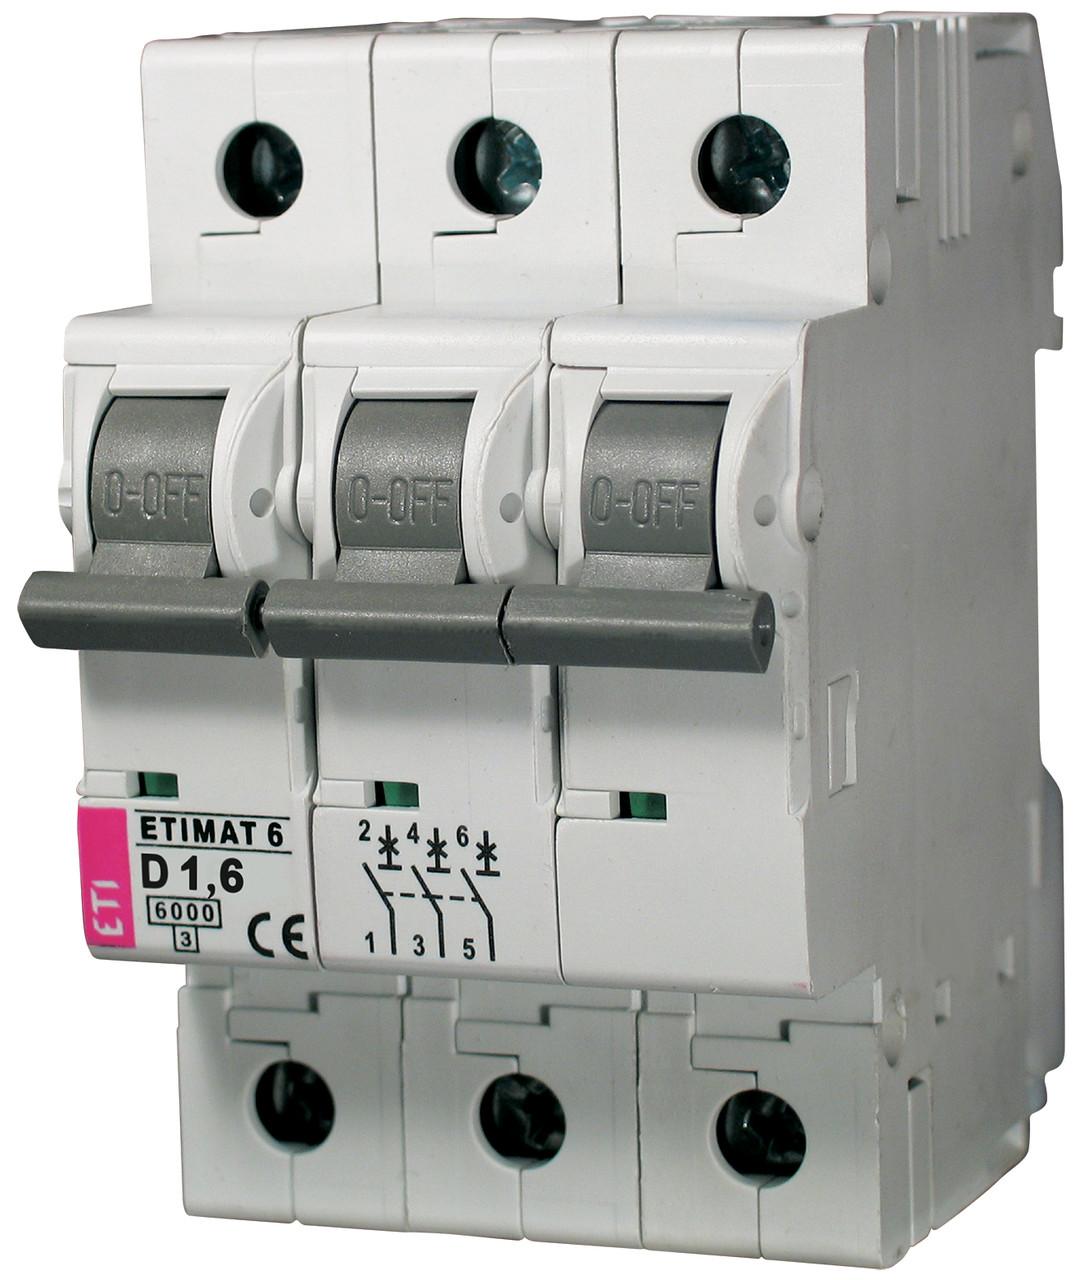 Авт. выключатель ETIMAT 6 3p D 1,6A (6kA), ETI, 2164507